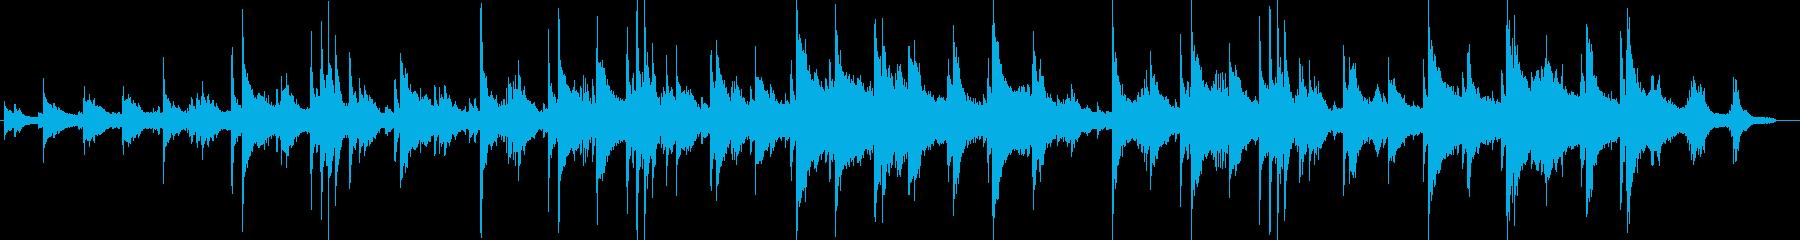 羽ばたくようなピアノサウンドの再生済みの波形